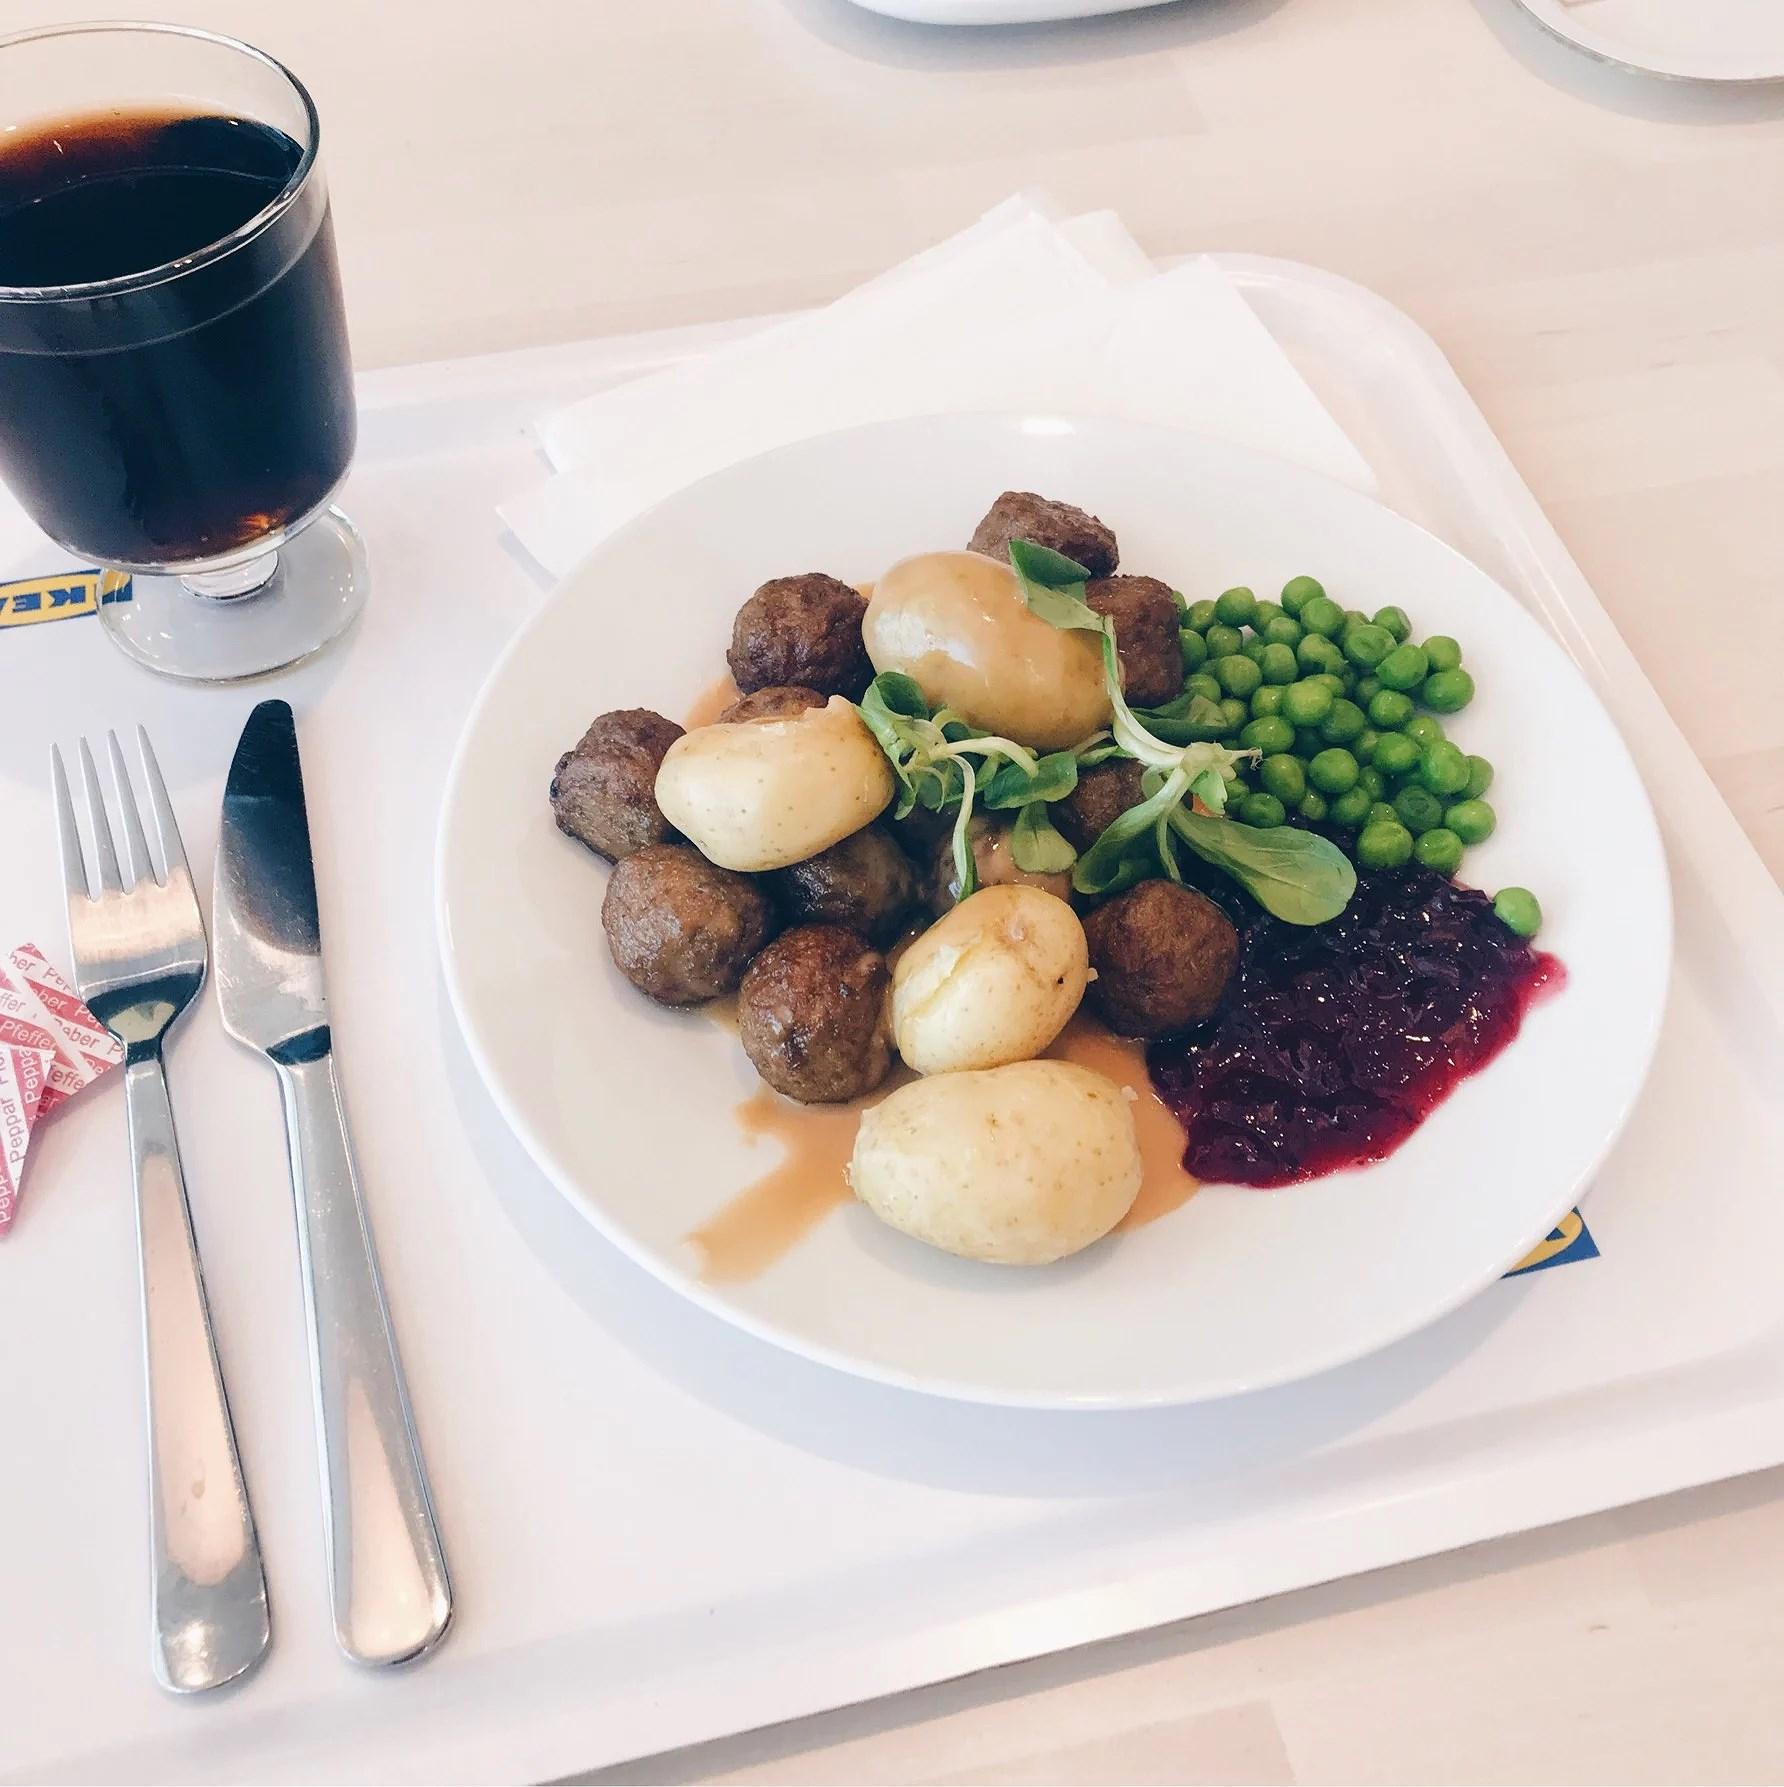 Köttbullar @ IKEA